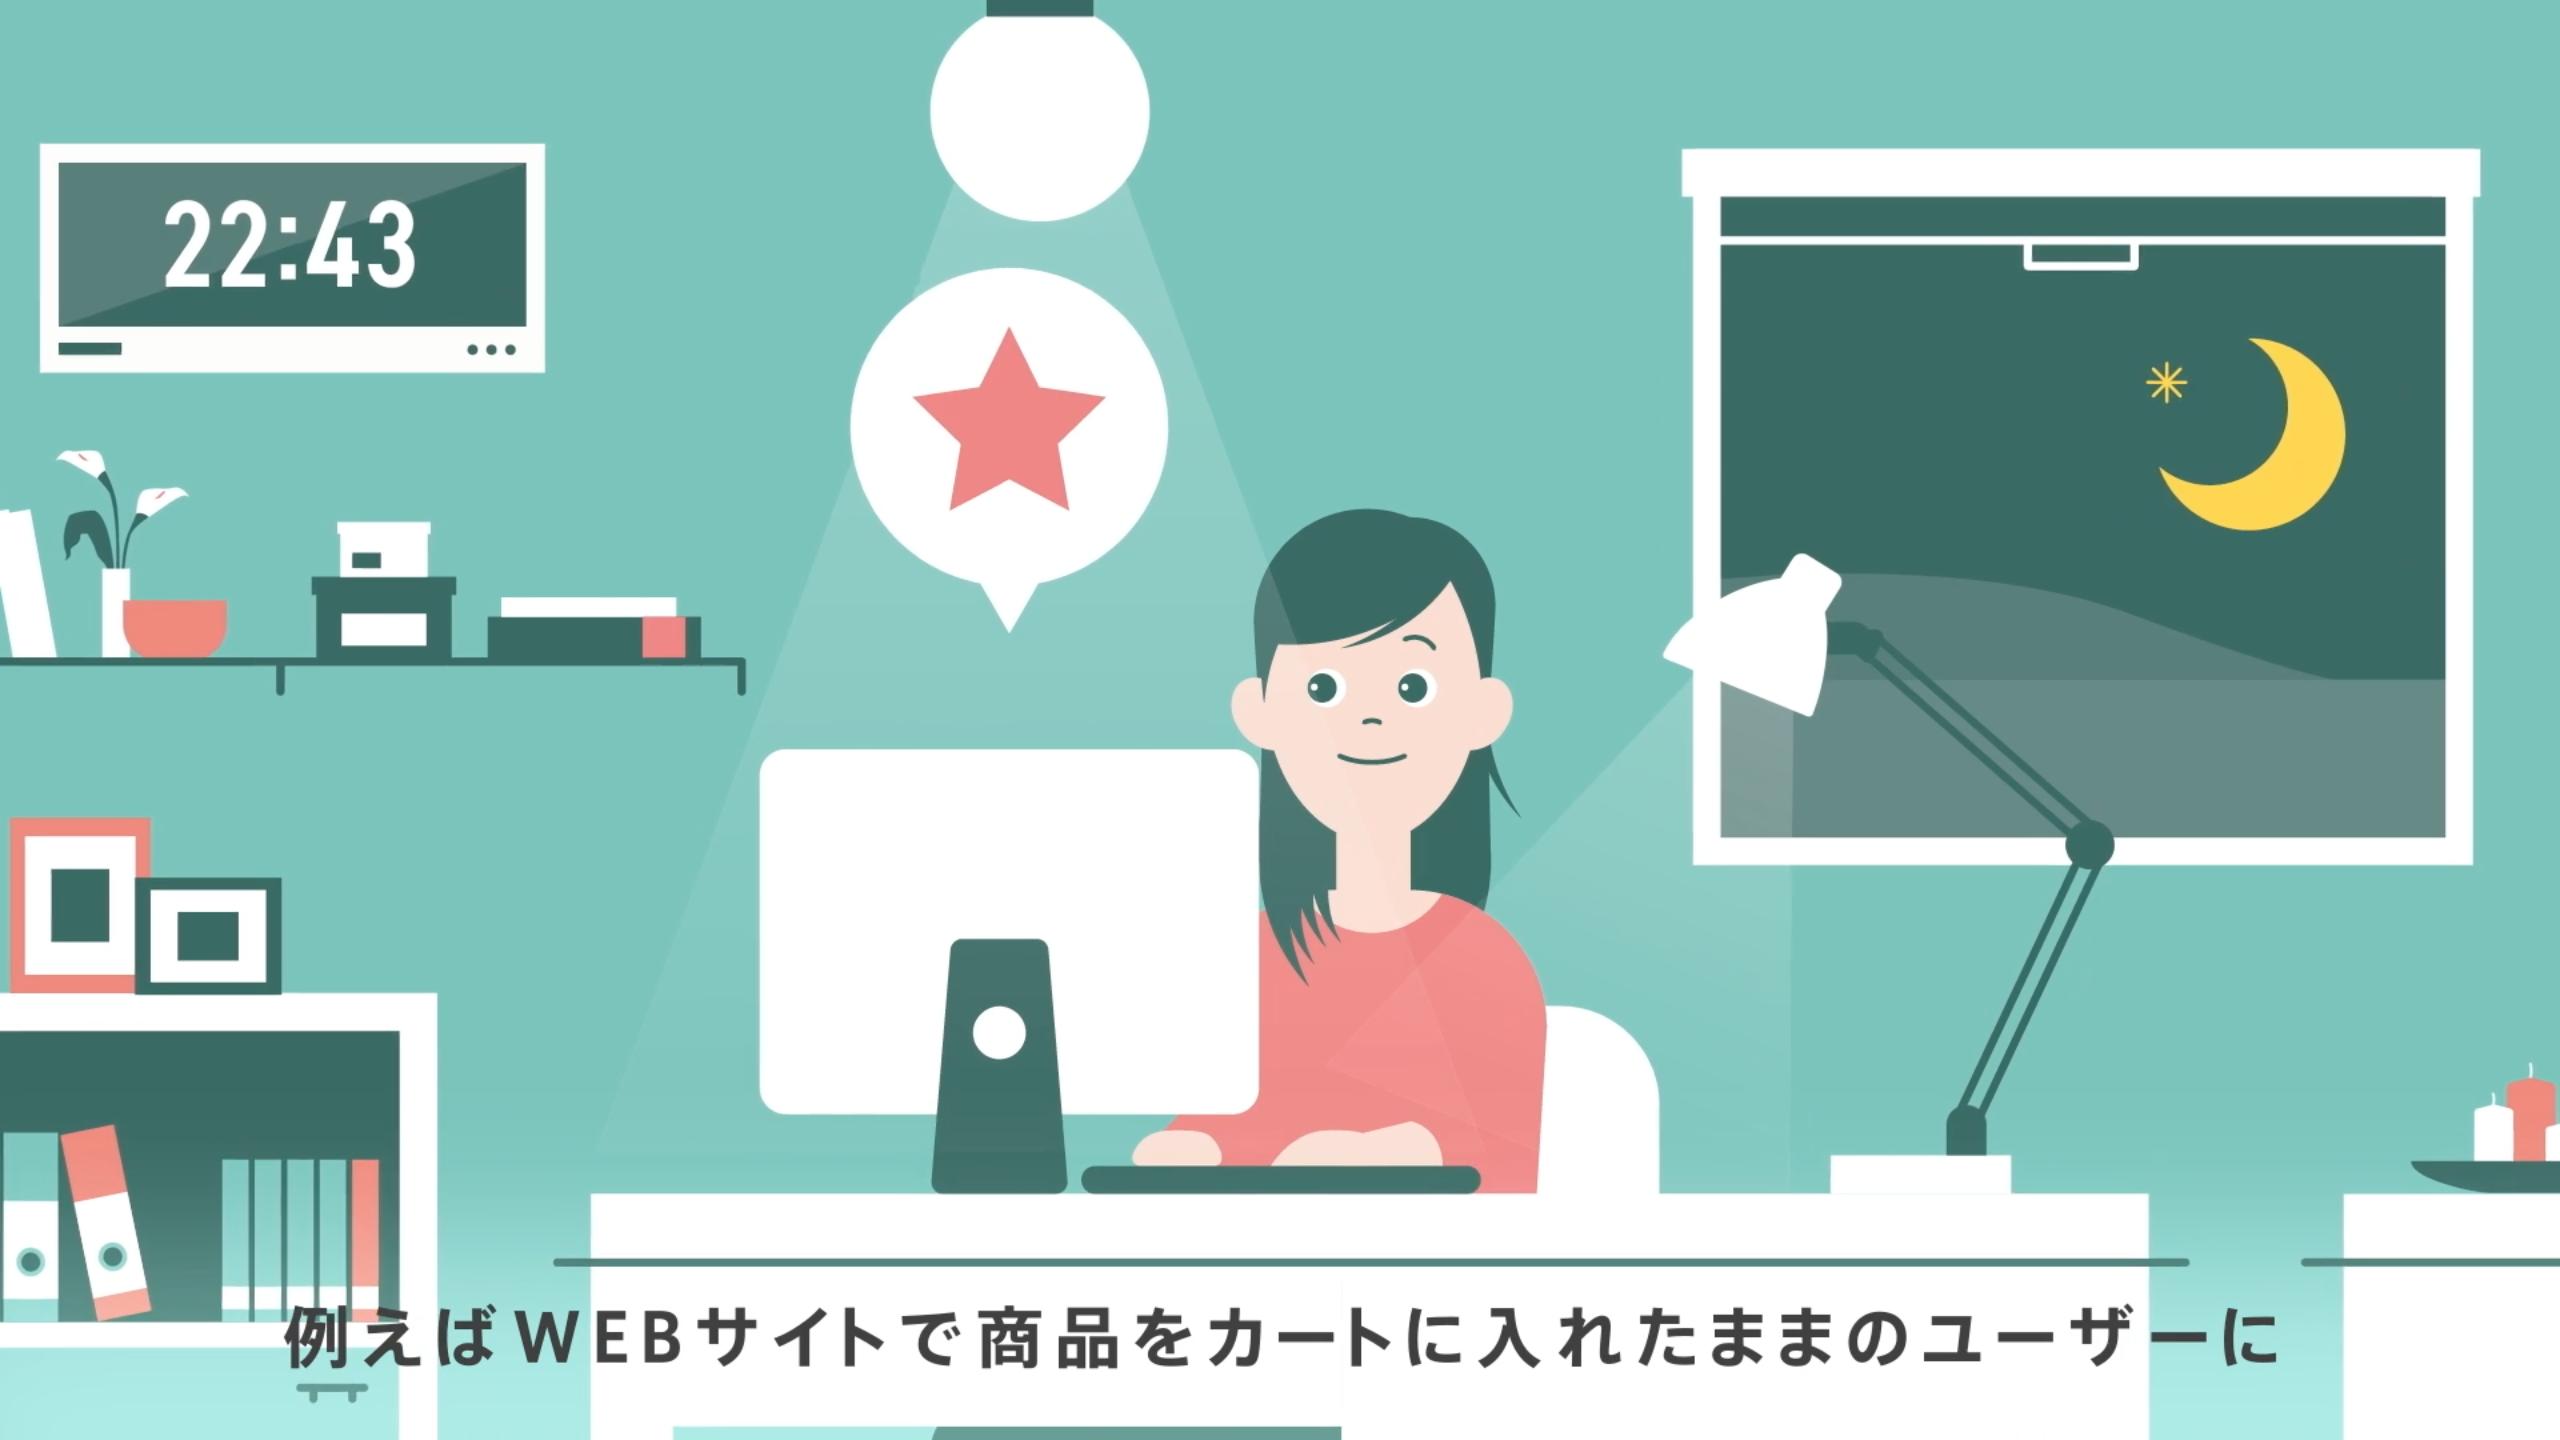 「顧客体験を今よりもっと特別に。KARTE for App」/制作:シングメディア(THINGMEDIA株式会社)